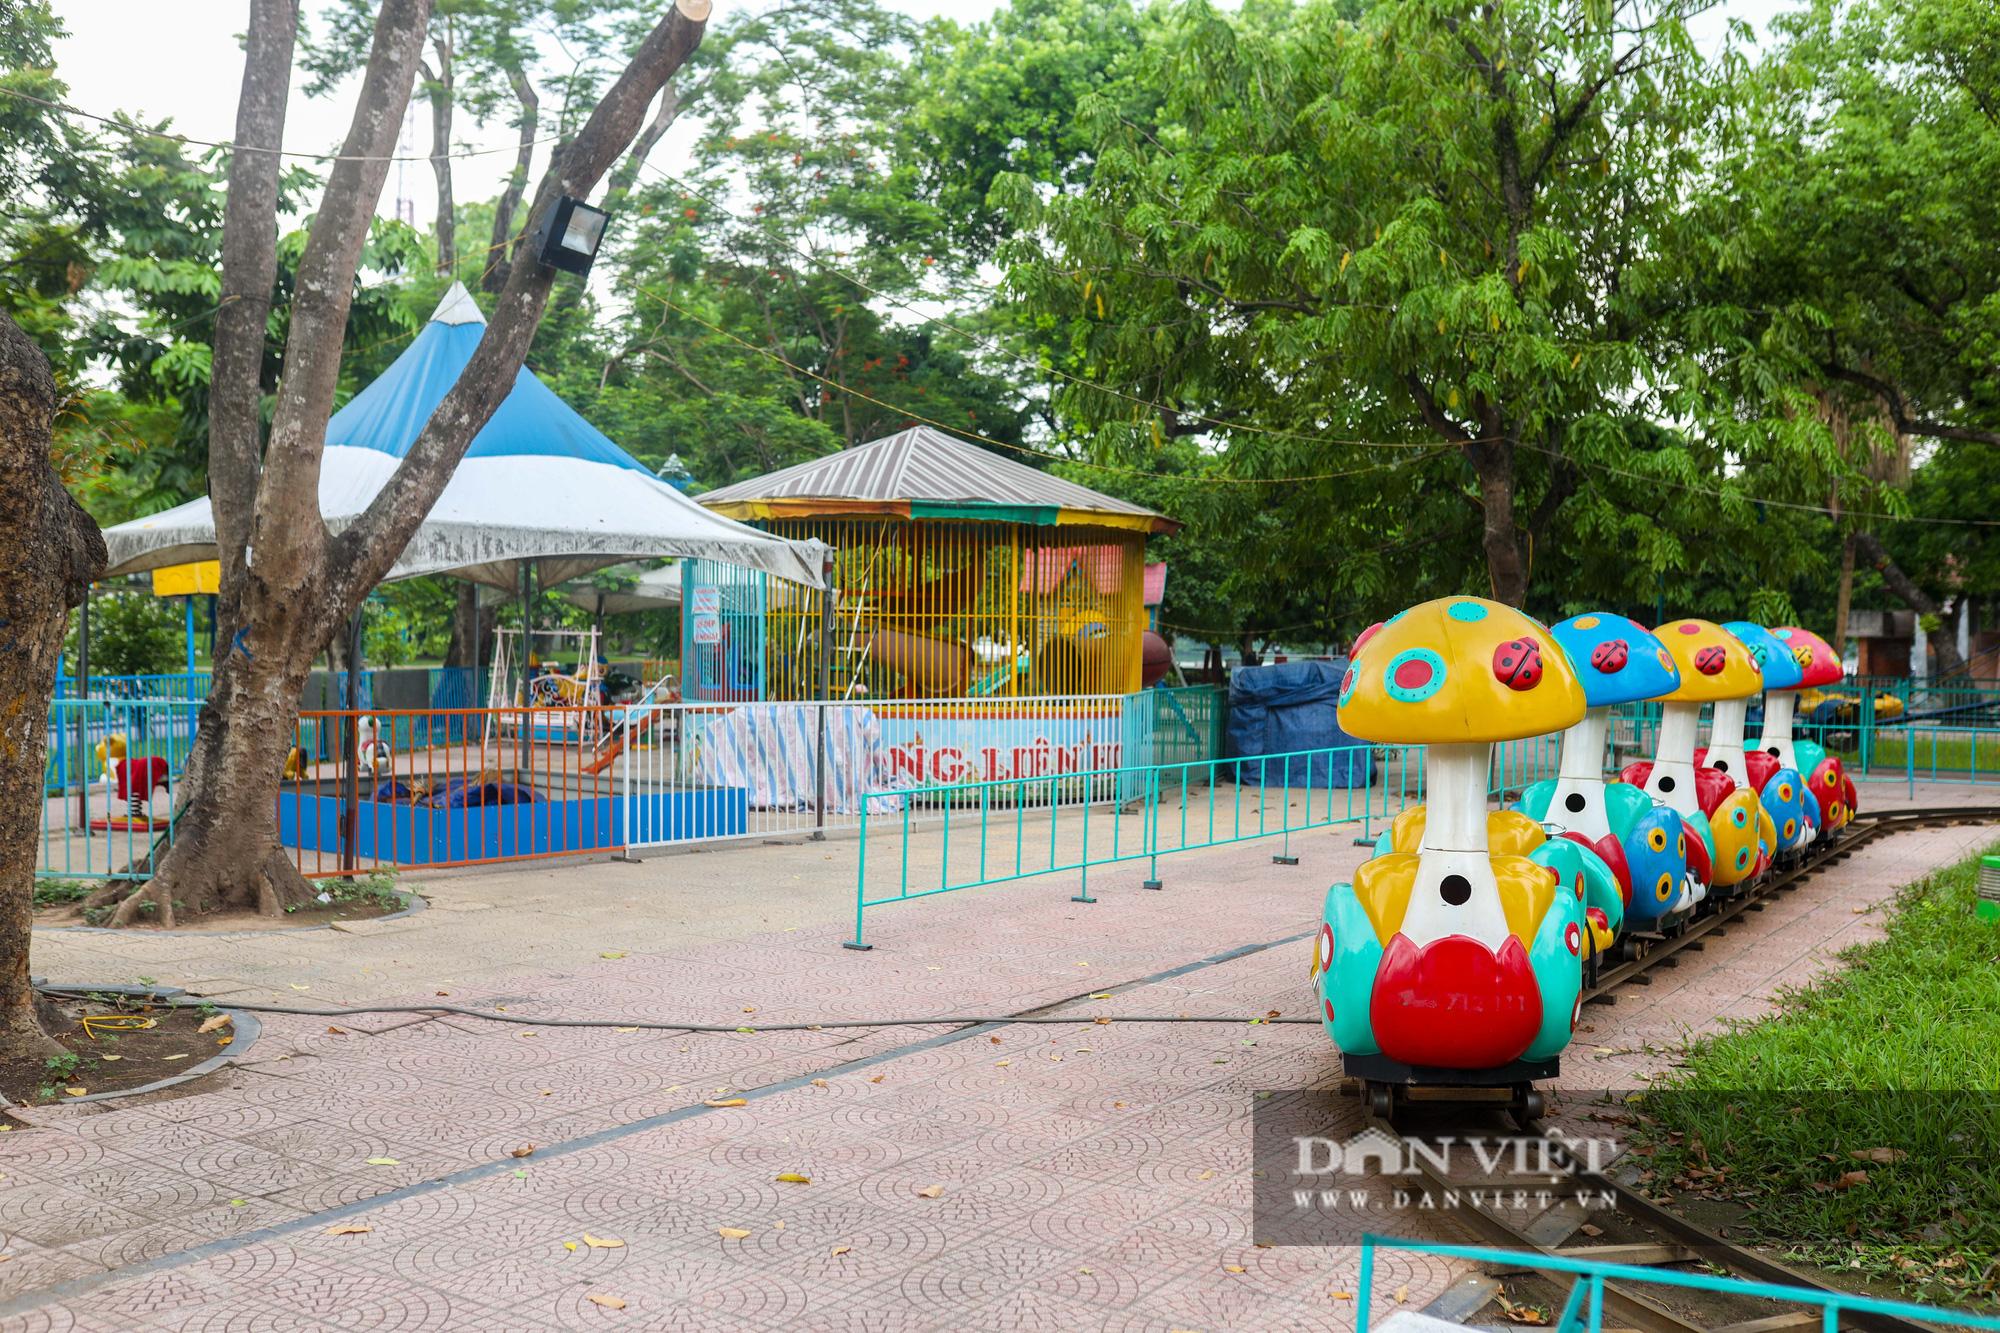 Hà Nội: Nhiều trò chơi trong công viên Thống Nhất ế ẩm, xuống cấp - Ảnh 1.